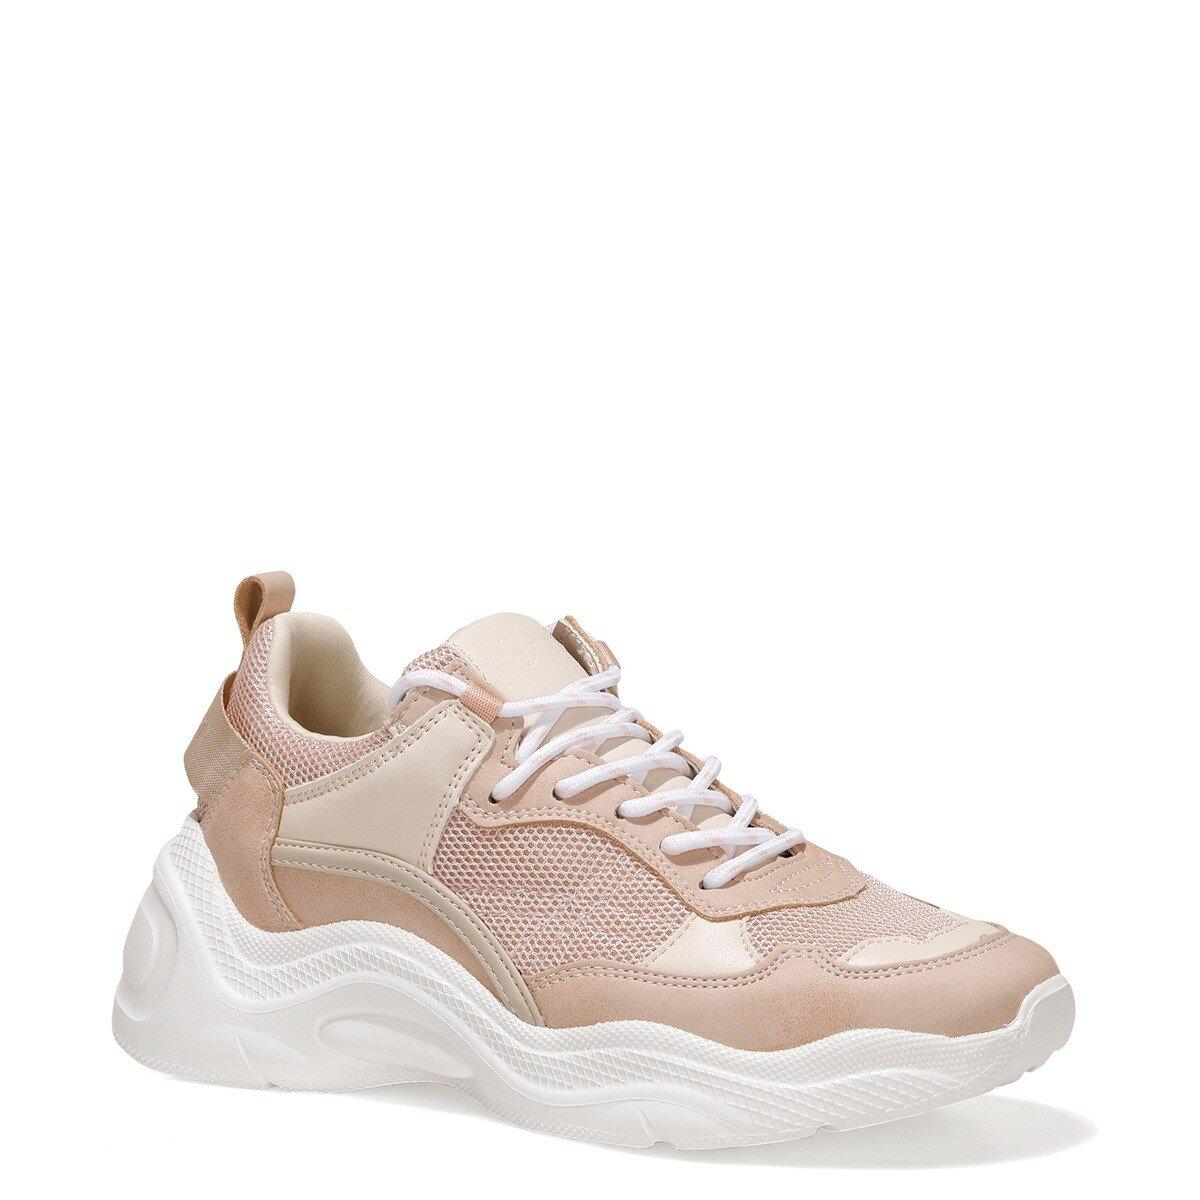 NICCO 1FX NUDE Kadın Sneaker